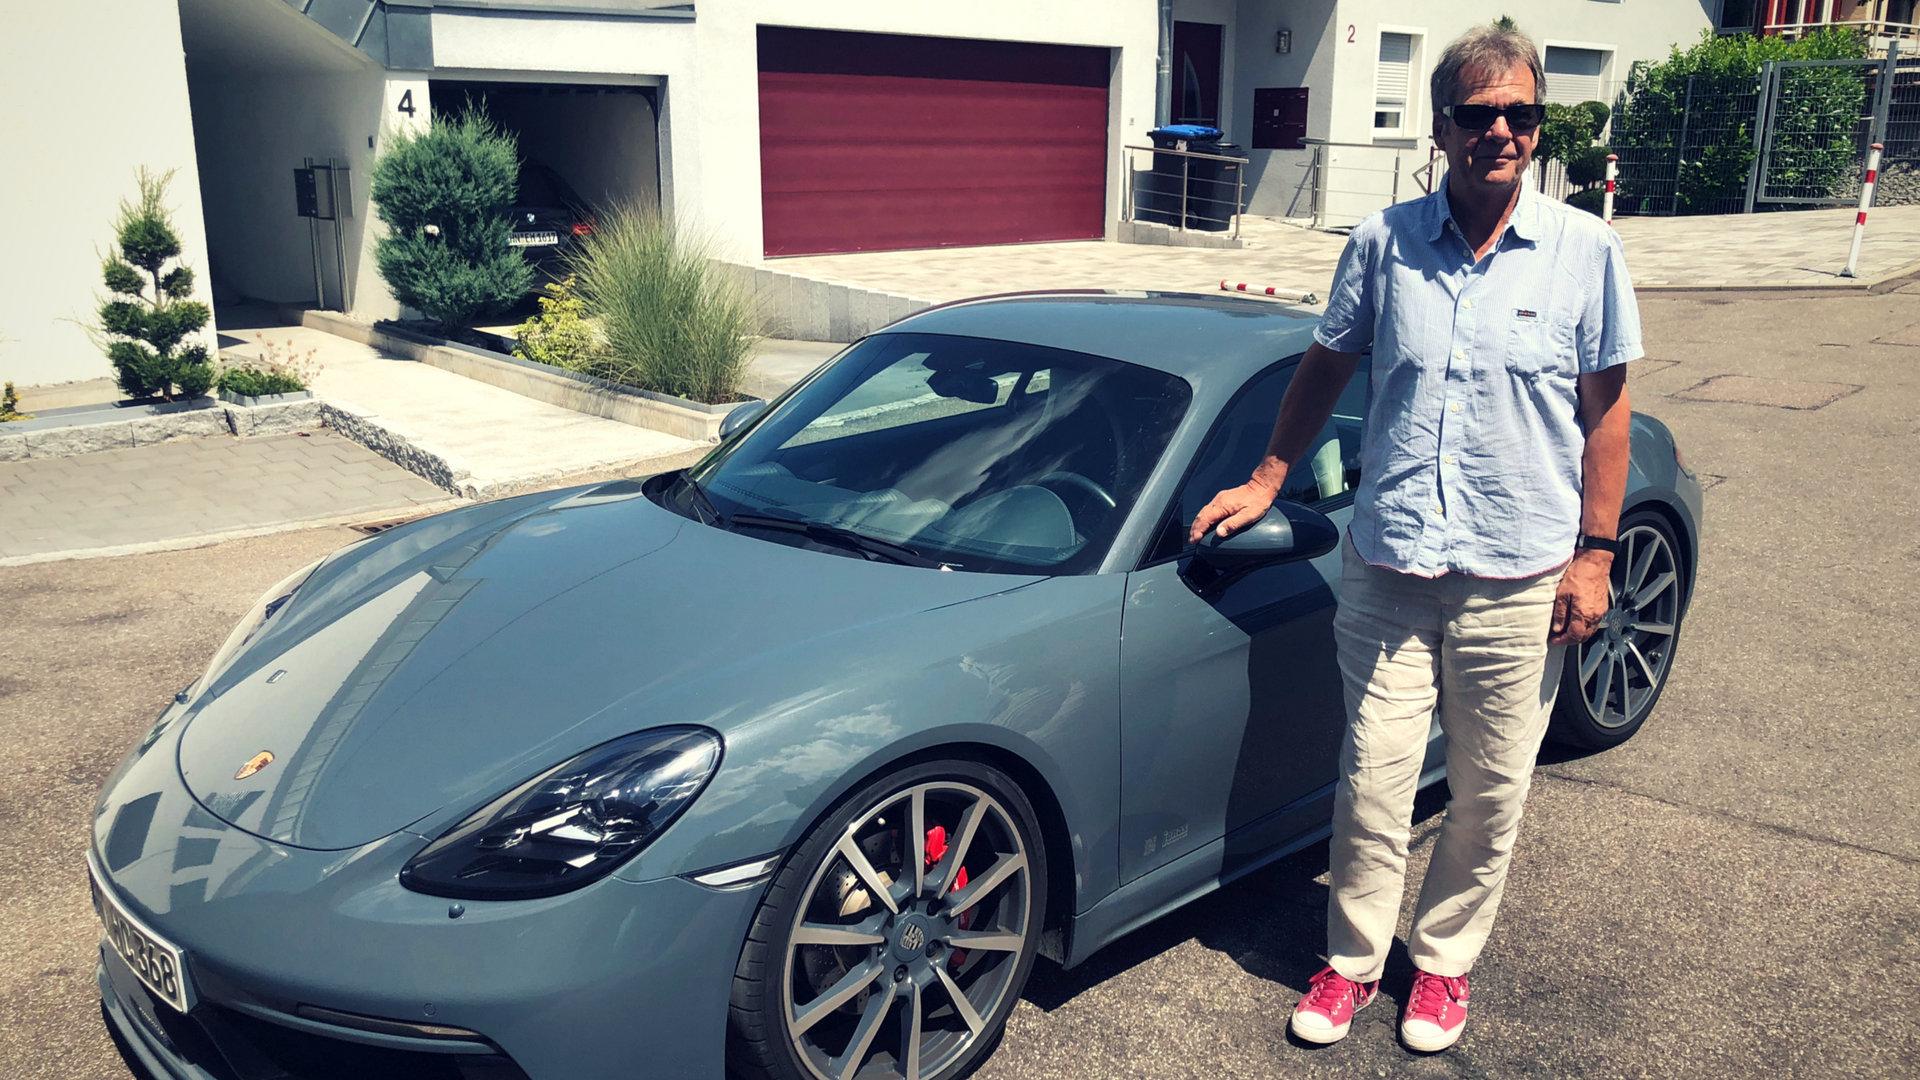 67-jähriger Porschefahrer: Tempolimit ist Quatsch – ich habe eine bessere